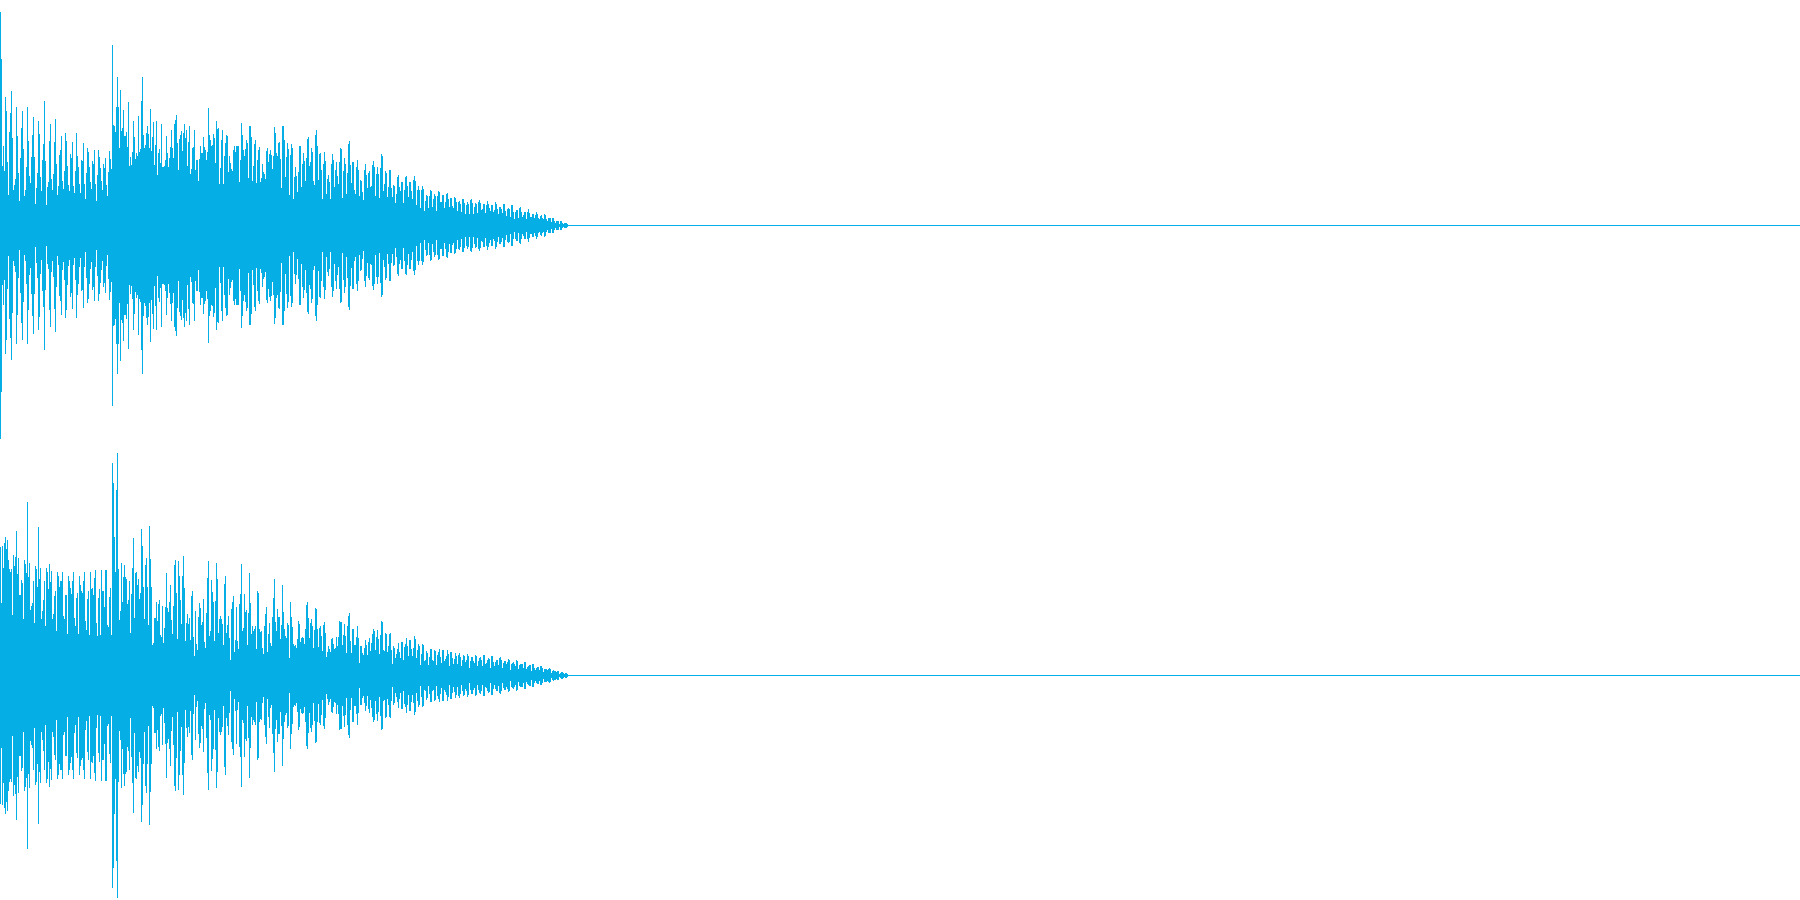 Cursor セレクト・カーソルの音2の再生済みの波形